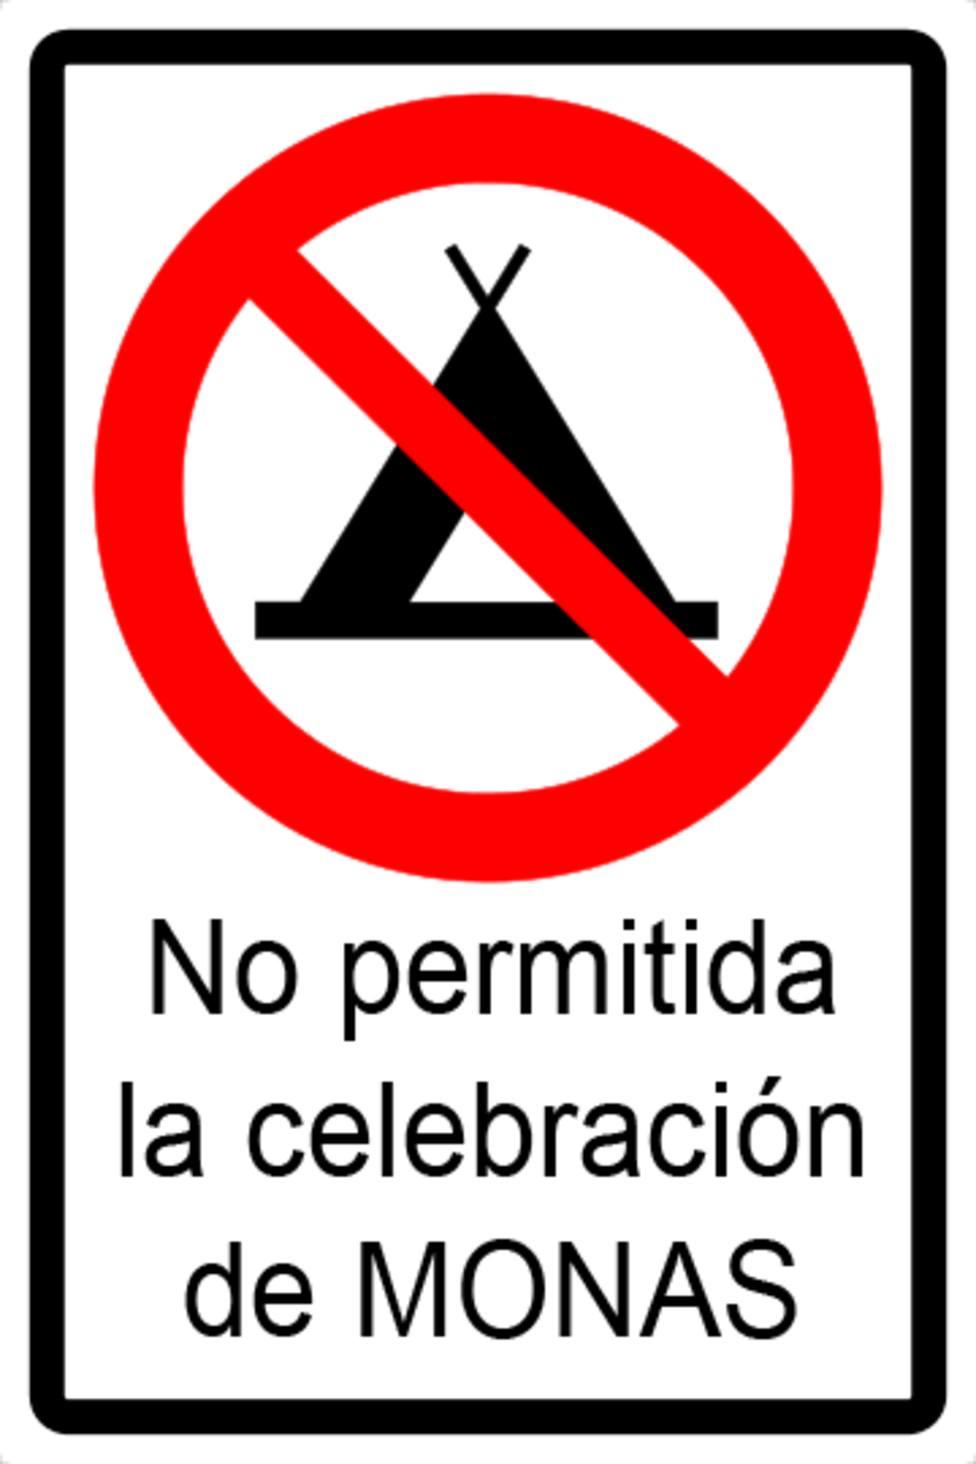 La actual situación sanitaria no permite la celebración de las tradicionales Monas